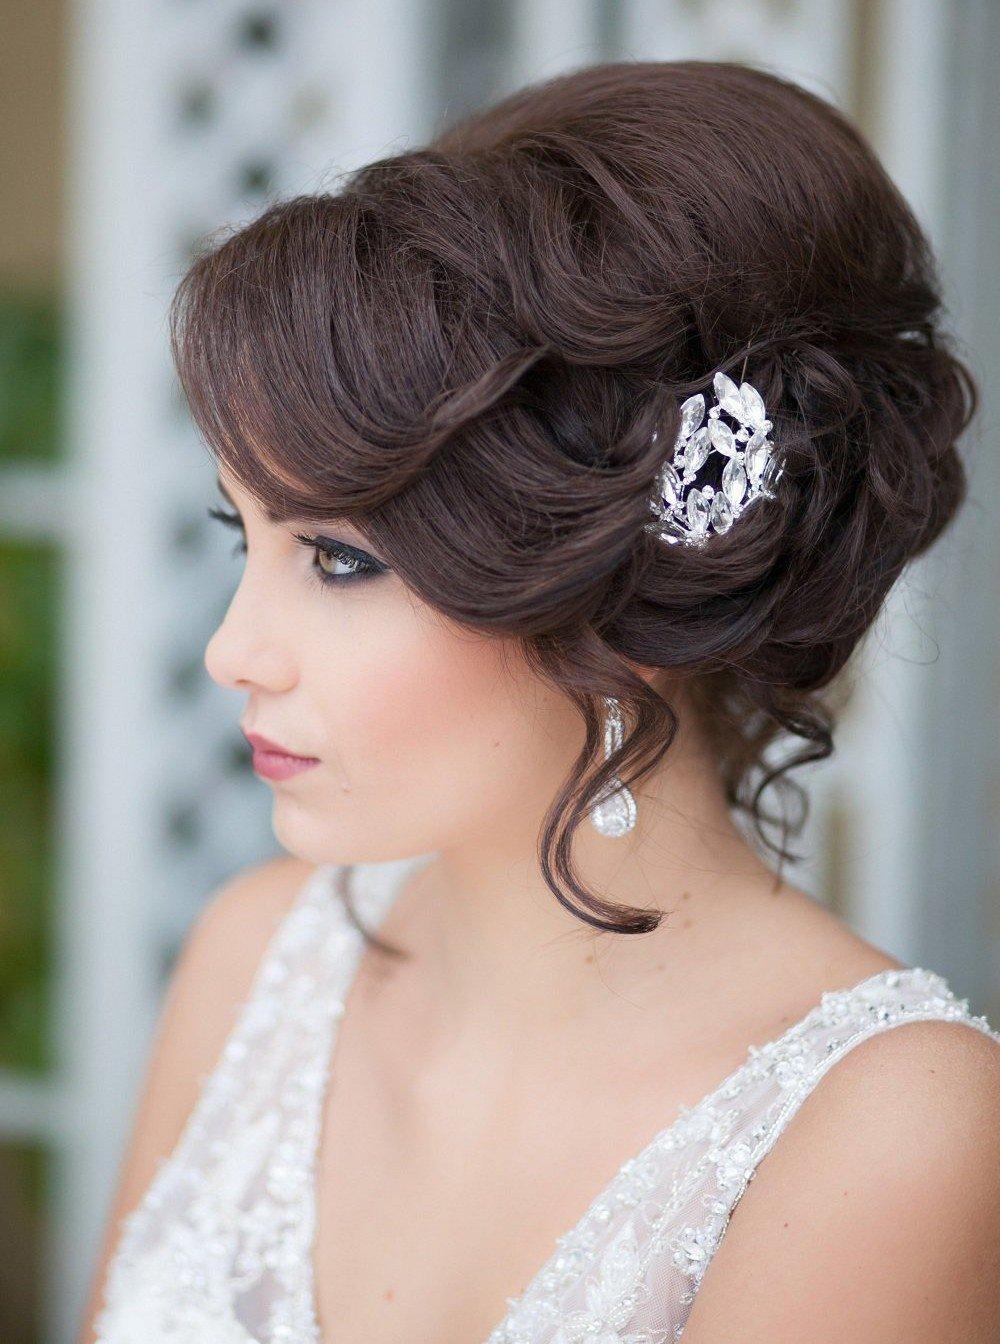 Если вы решили сэкономить в этот день на таком важном элементе, не стоит переживать, ведь даже на свадьбу можно приготовиться самой и представить себя стилистом, конечно, учитывая изображения и картинки с примерами и стильными вариантами.